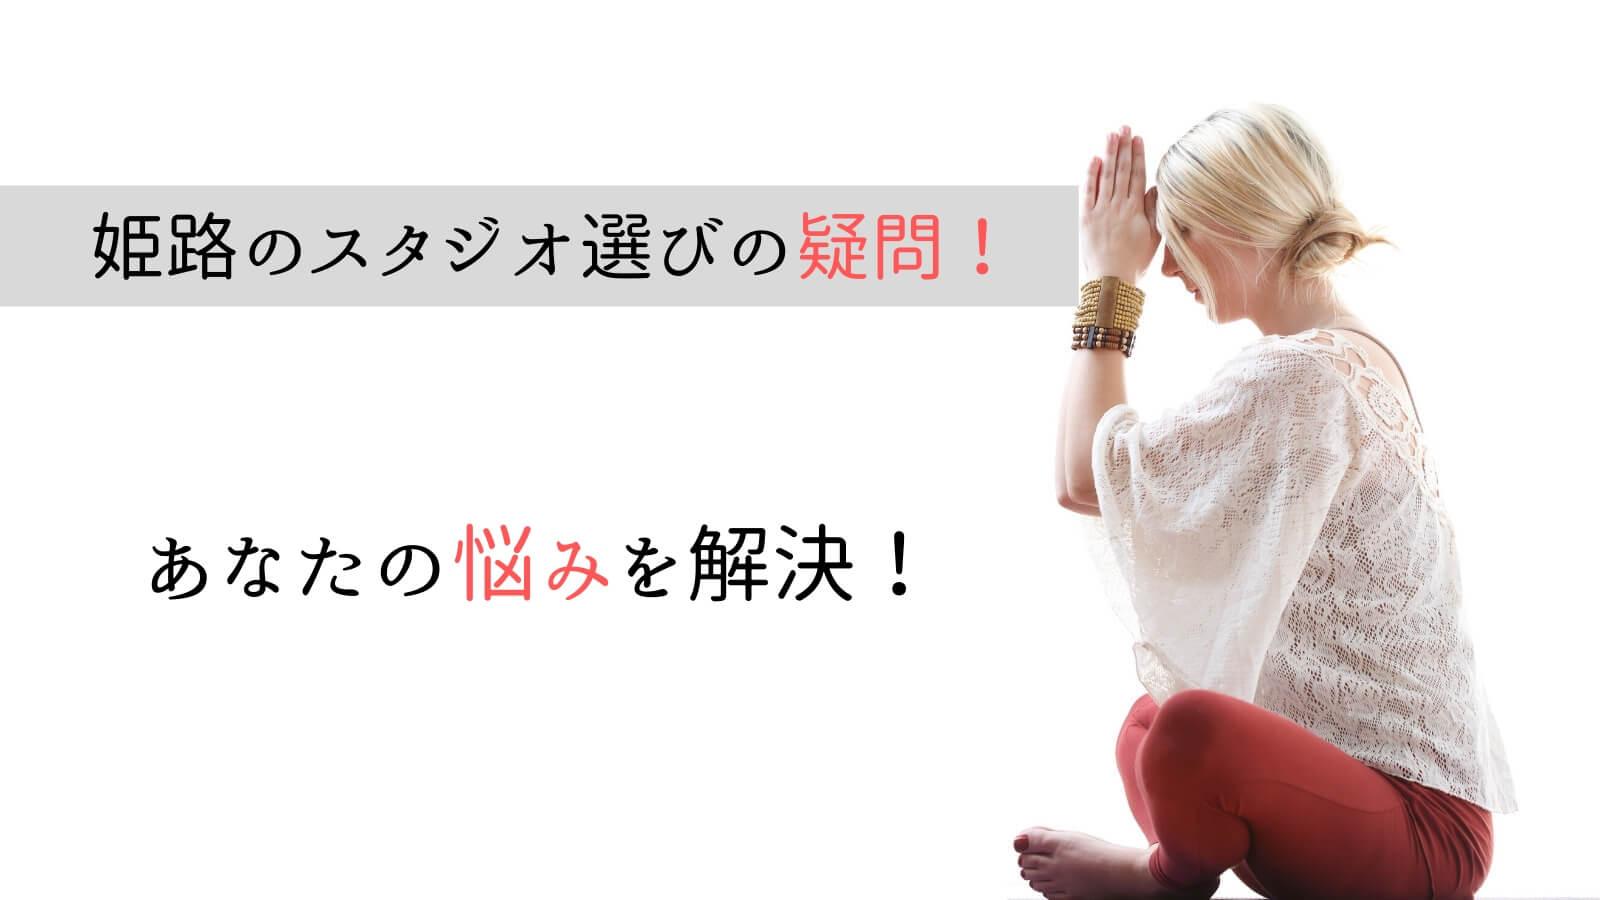 姫路でのヨガ・ホットヨガスタジオ選びに関するQ&A